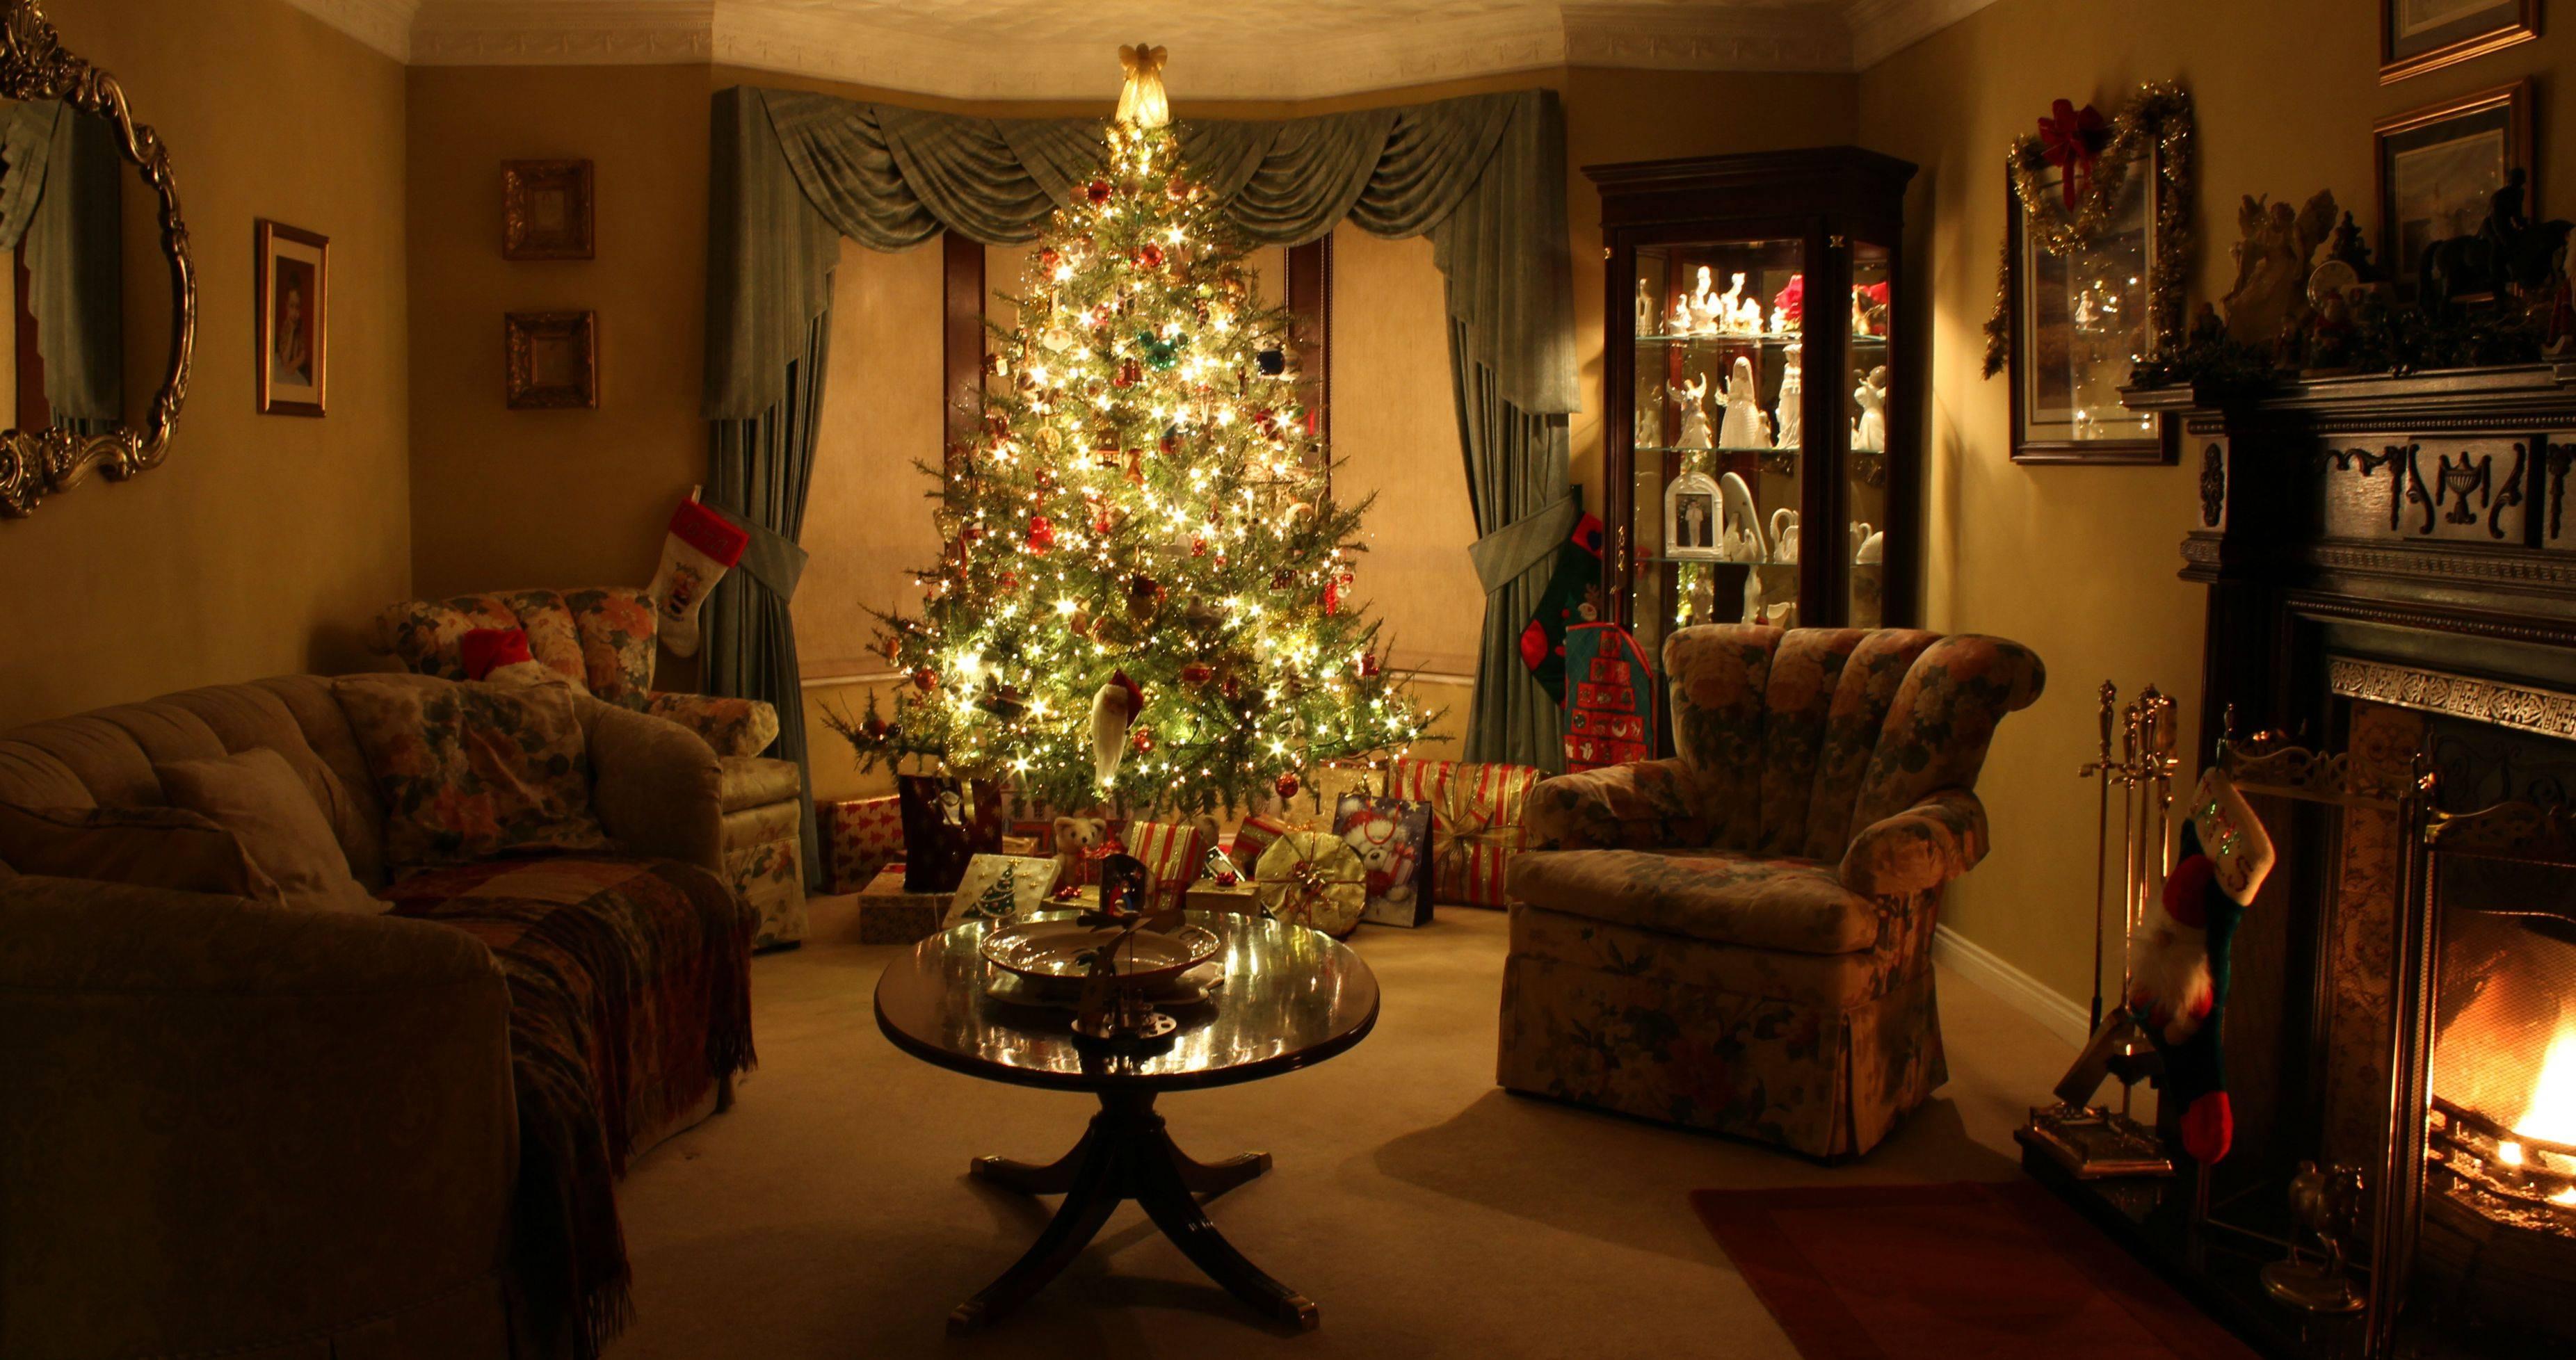 Living Room Christmas  I think my living room oozes Christmas If I say so myself